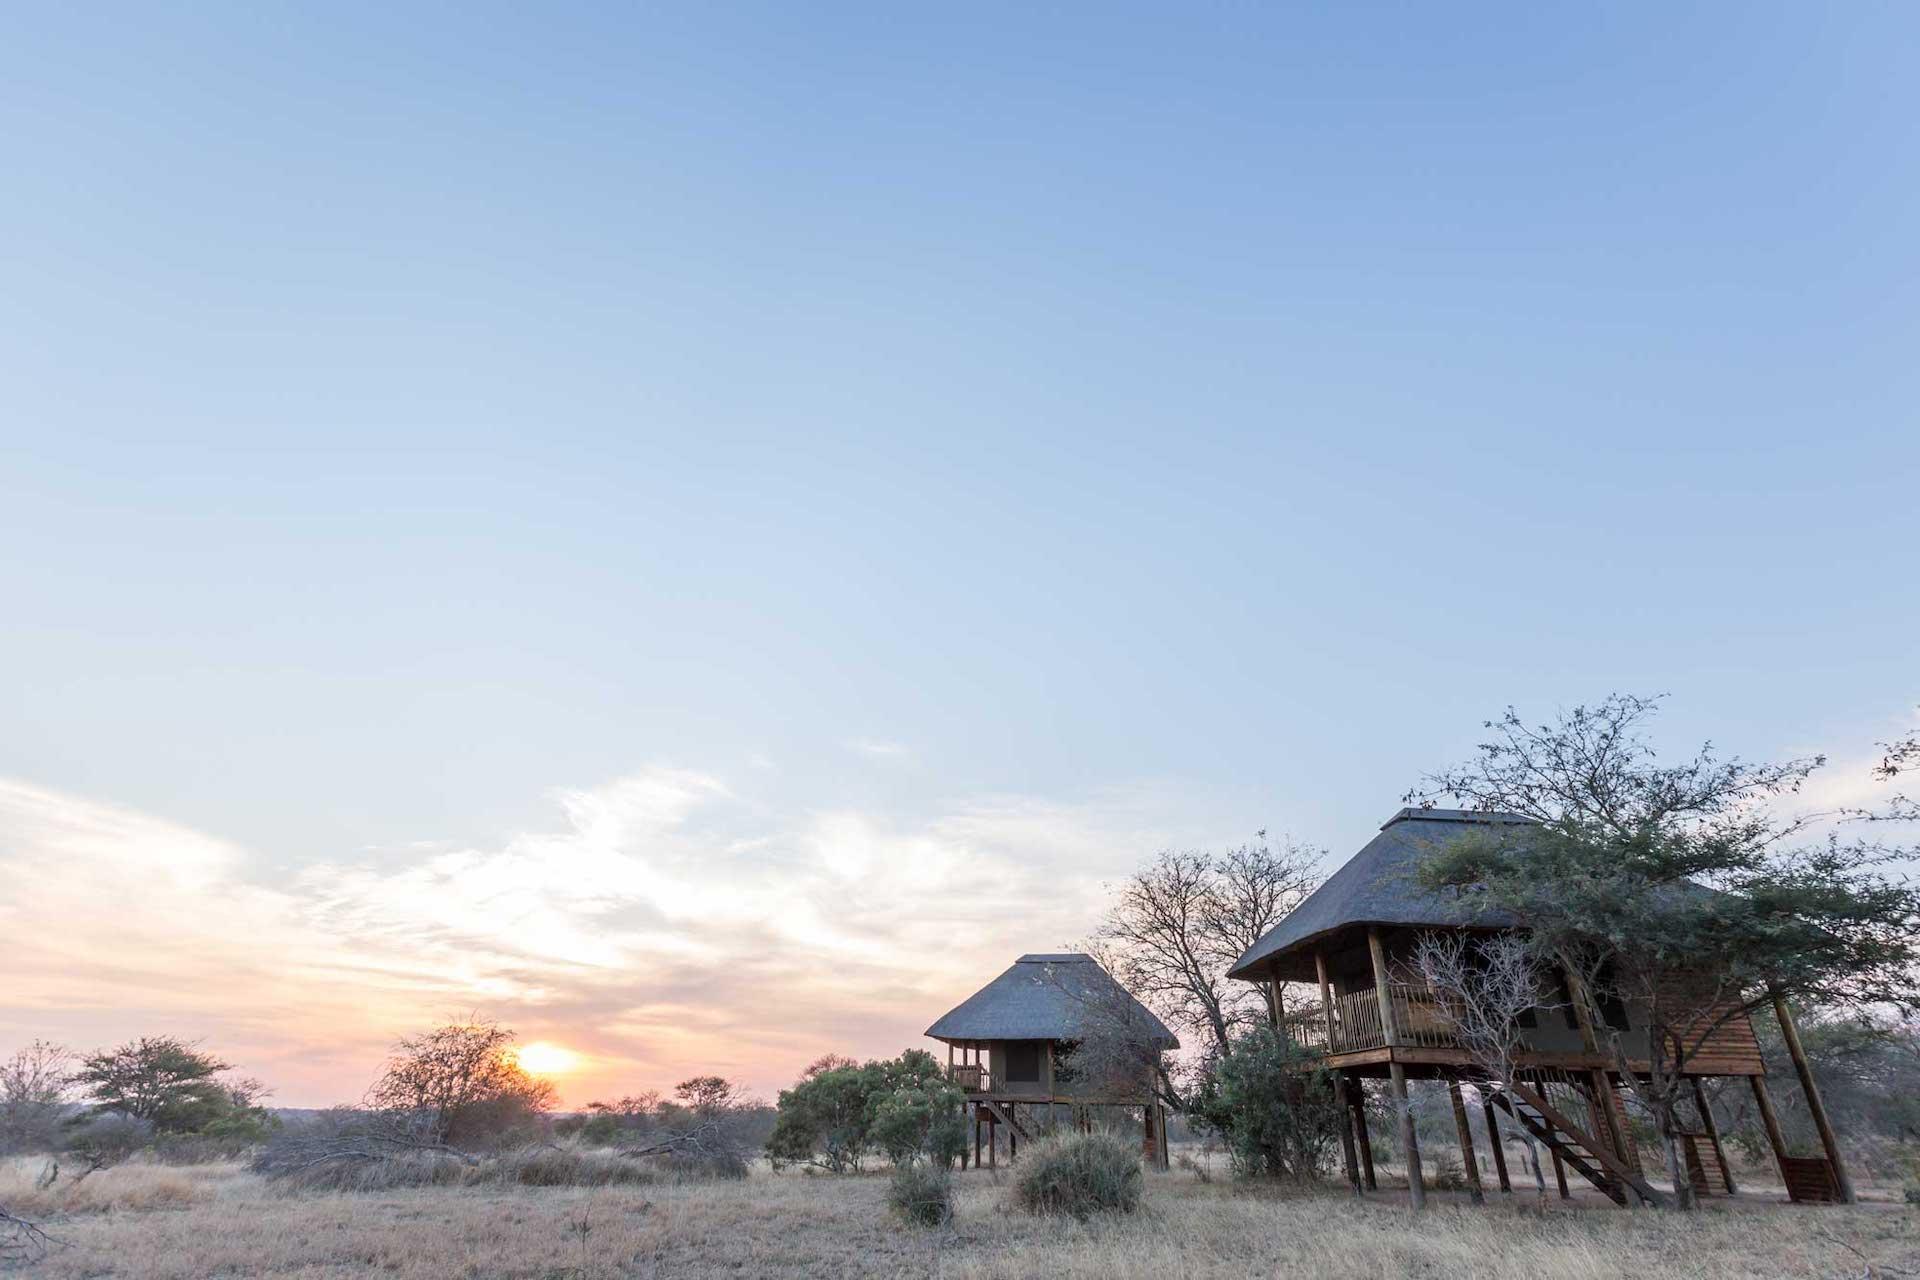 # ZA 14 - Nthambo Tree Camp - chalets-nthambo-eg